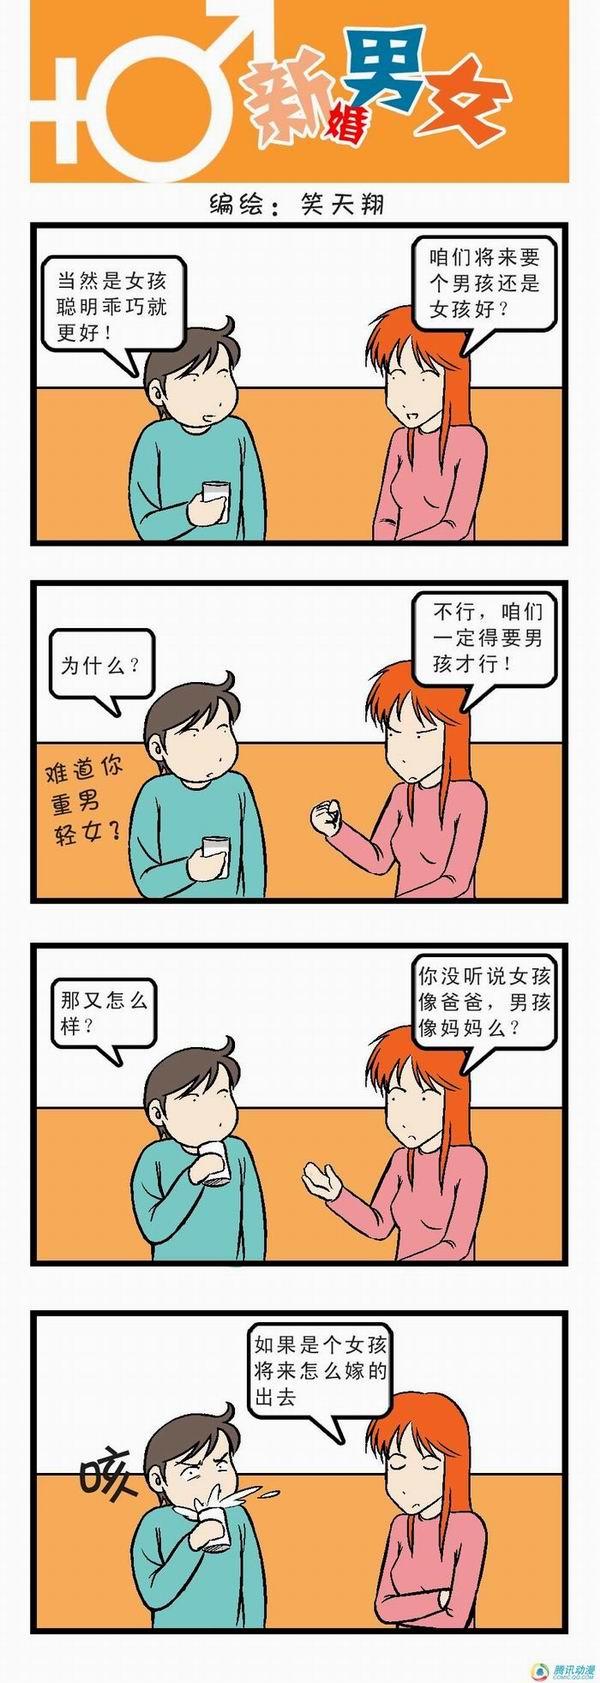 引用 80后小夫妻的爆笑生活[新婚男女]漫画 - 冰 - 送你十份清凉,给我一份真诚